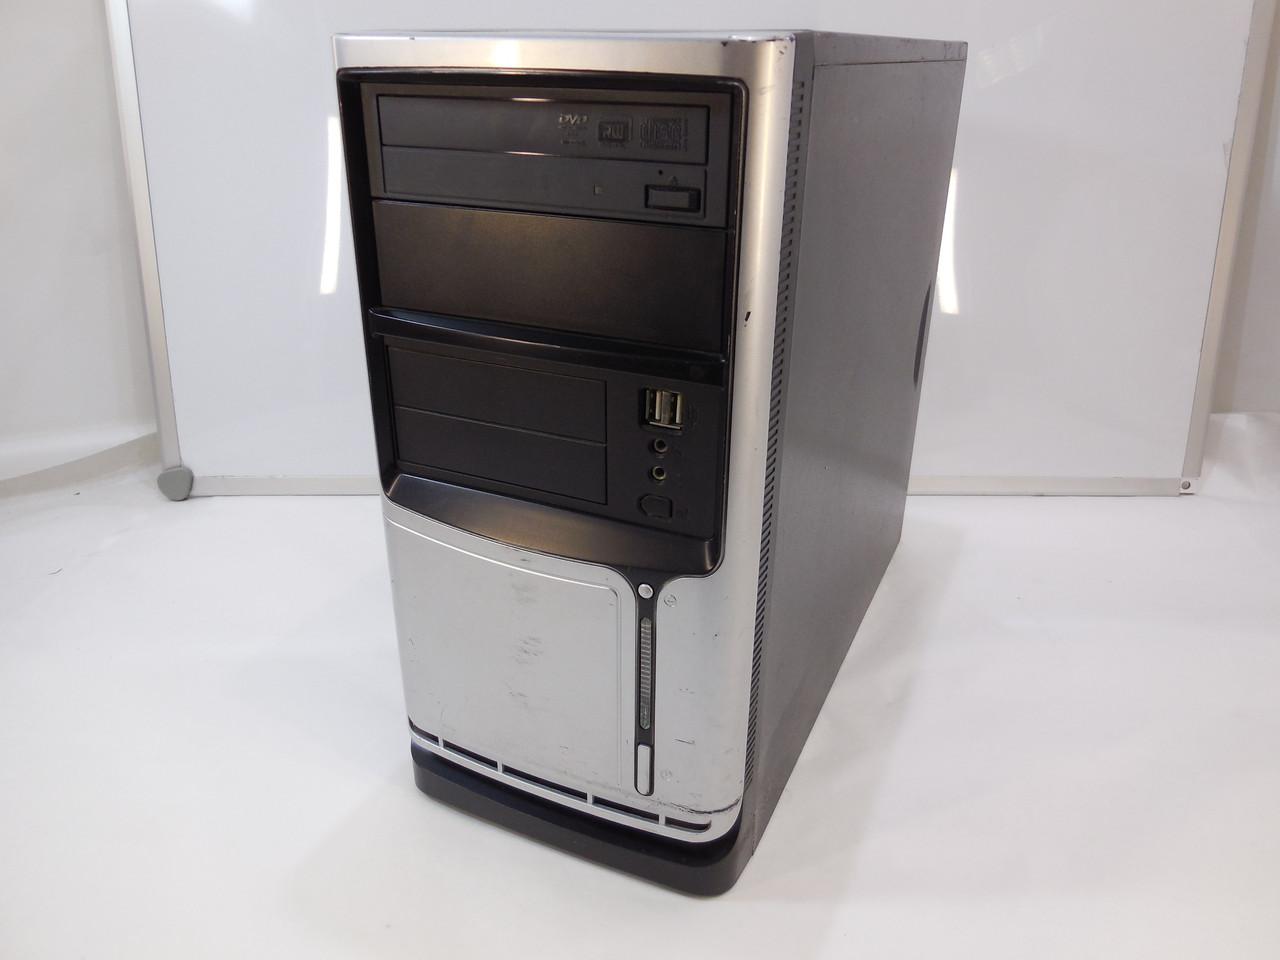 Системный блок, компьютер, Intel Core i3 3220, 4 ядра по 3,3 ГГц, 6 Гб ОЗУ DDR-3, HDD 250 Гб, видео 1 Гб